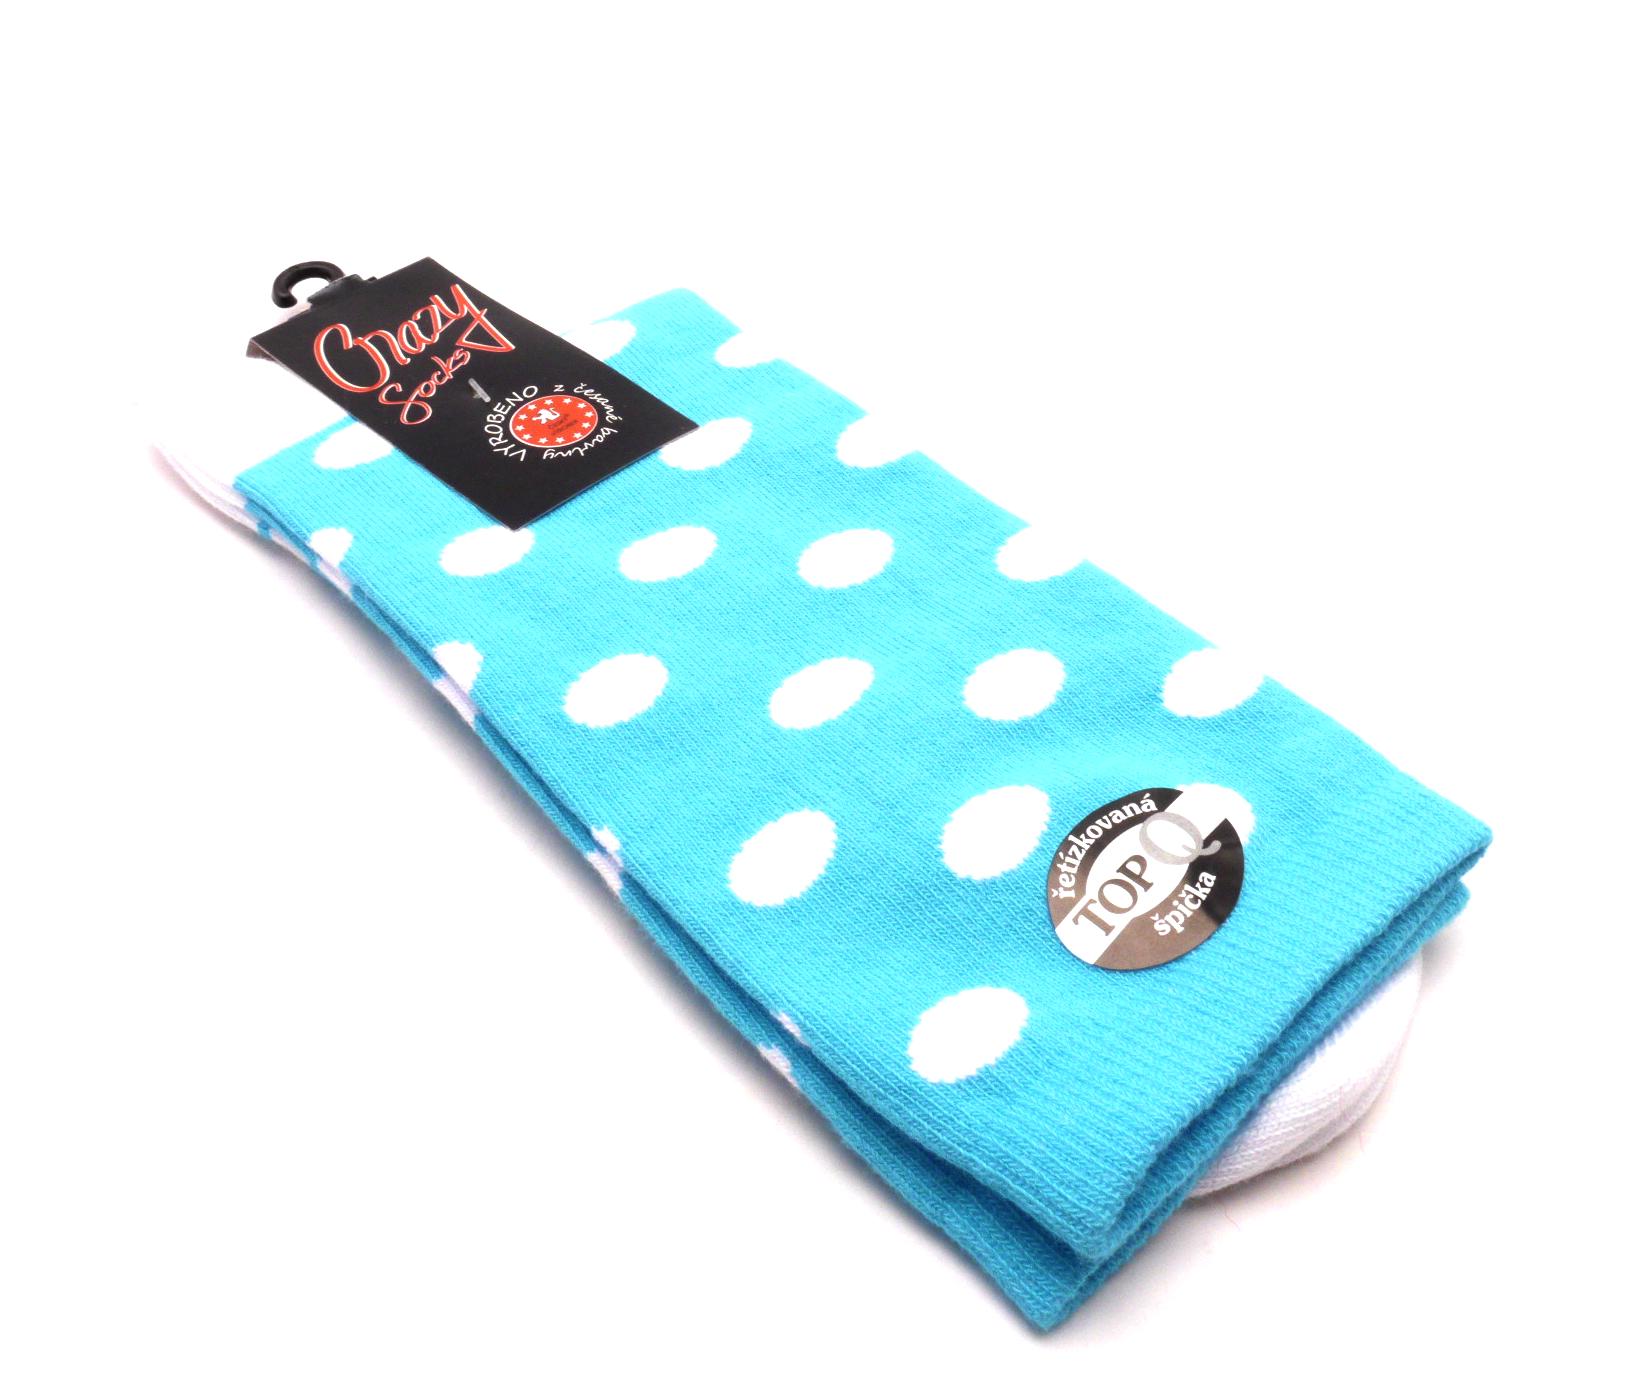 Crazy Sock Ponožky kolečka malý - bílý velikost: 41-46